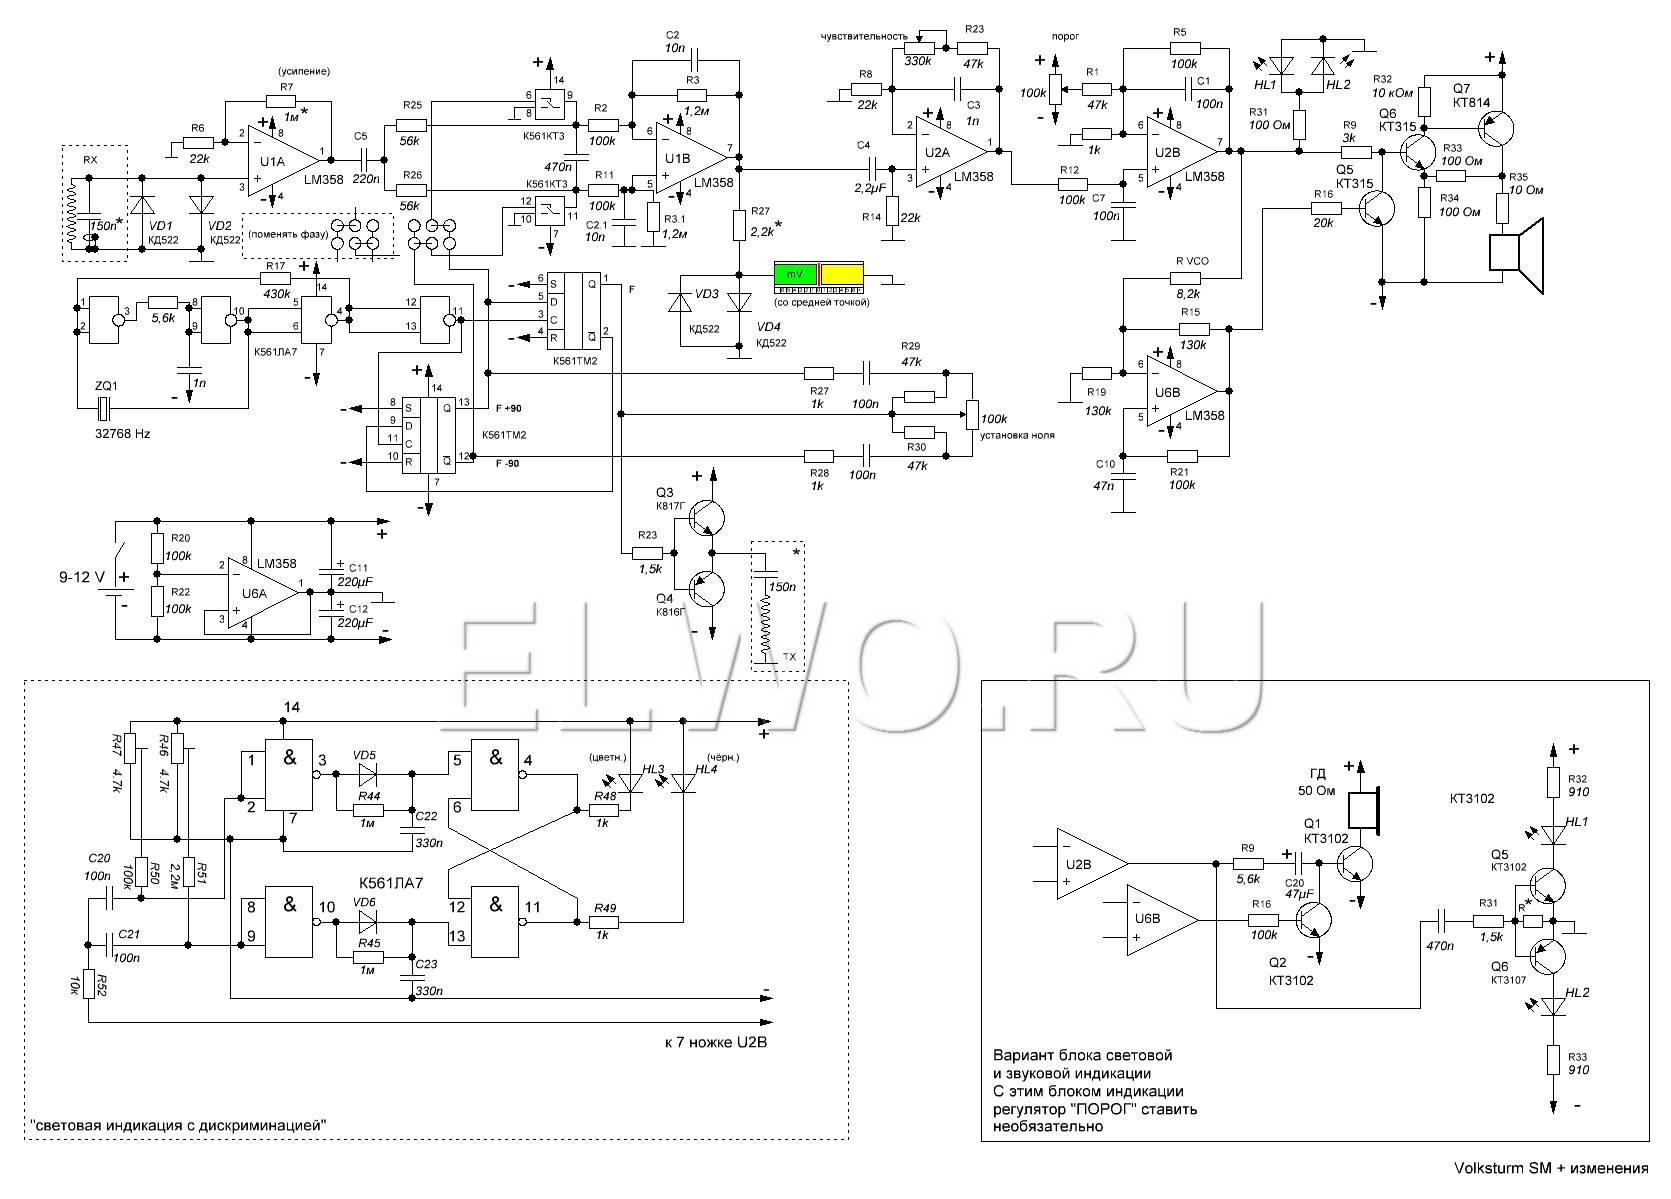 Как видно из схемы, некоторым изменениям подвергся входной каскад на LM358, появилась возможность кнопкой поменять...